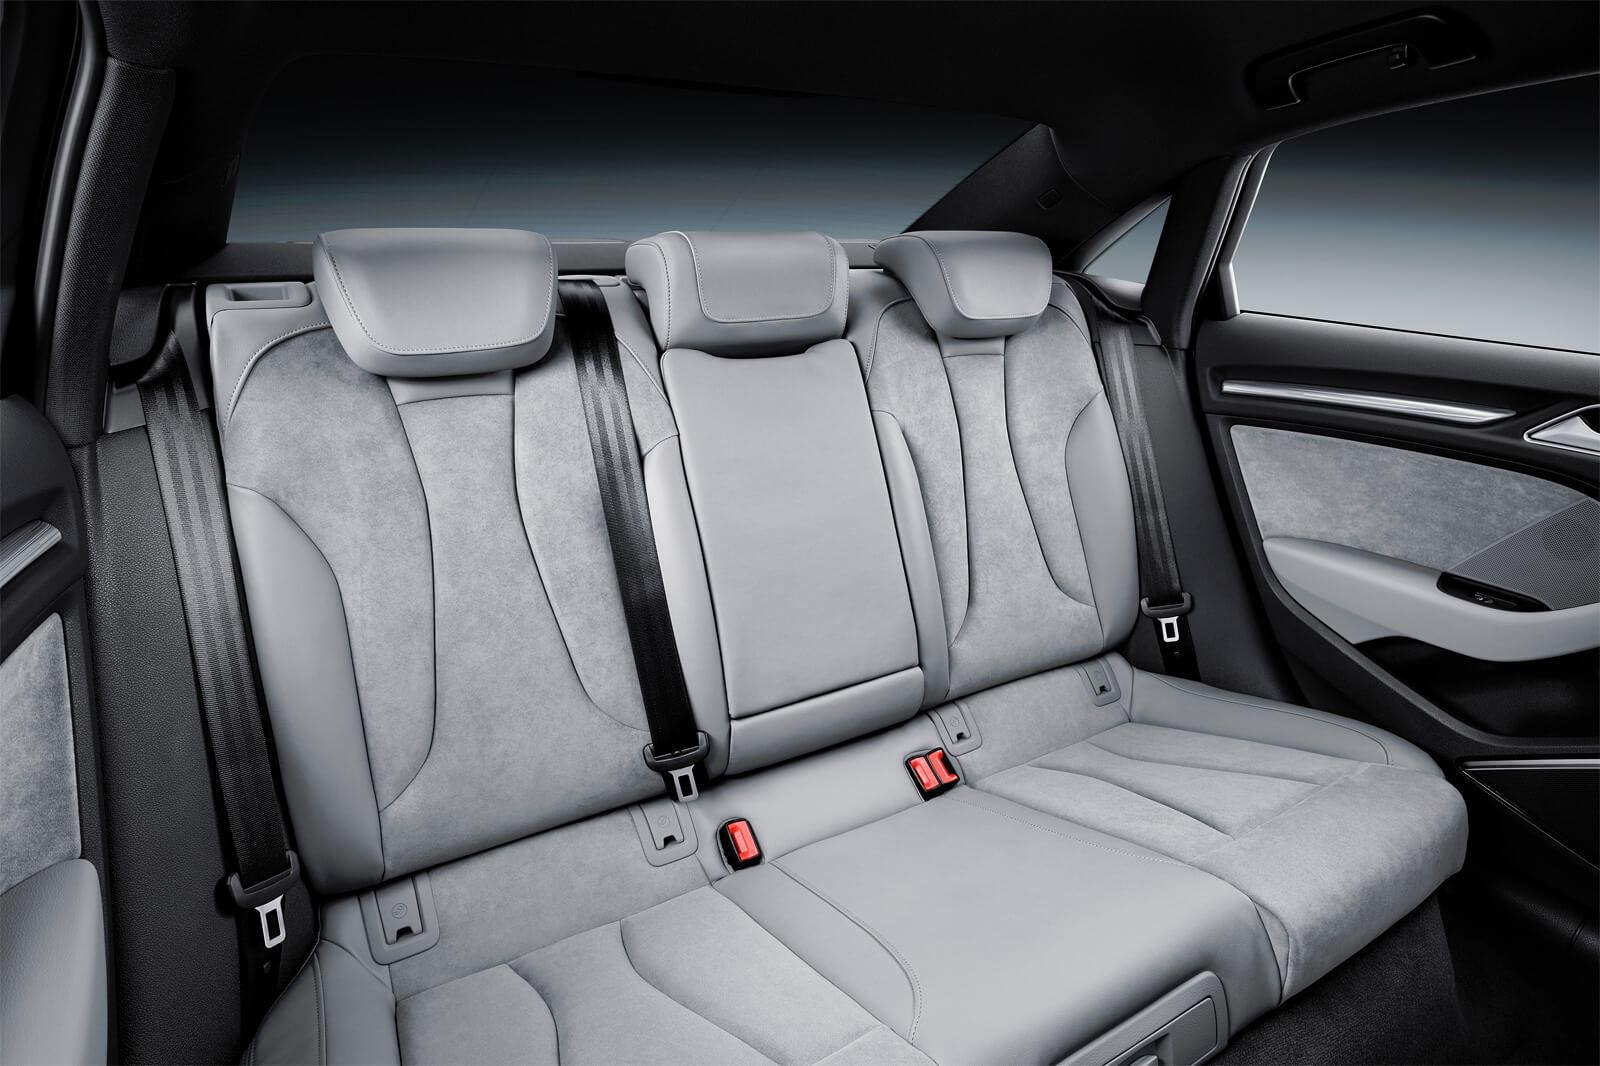 Audi A3 III (8V) Sedan Restyling - Интерьер, задние сиденья